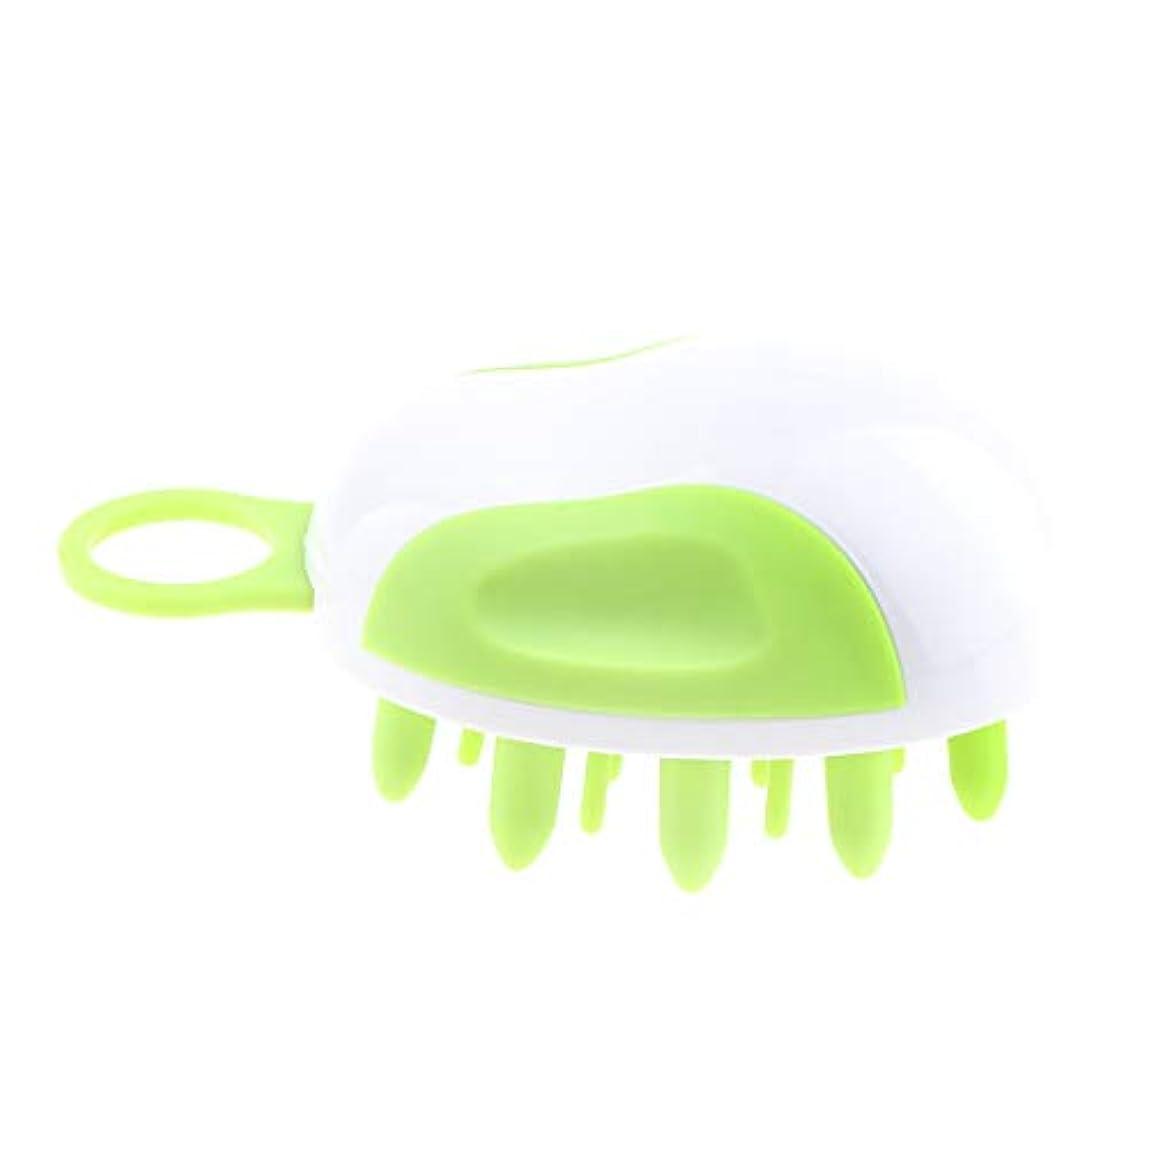 平方の頭の上未就学T TOOYFUL シリコン 頭皮マッサージャー ブラシ シャンプーブラシ 育毛グリーン用 柔らかい 耐久性 丈夫 全2カラー - 緑